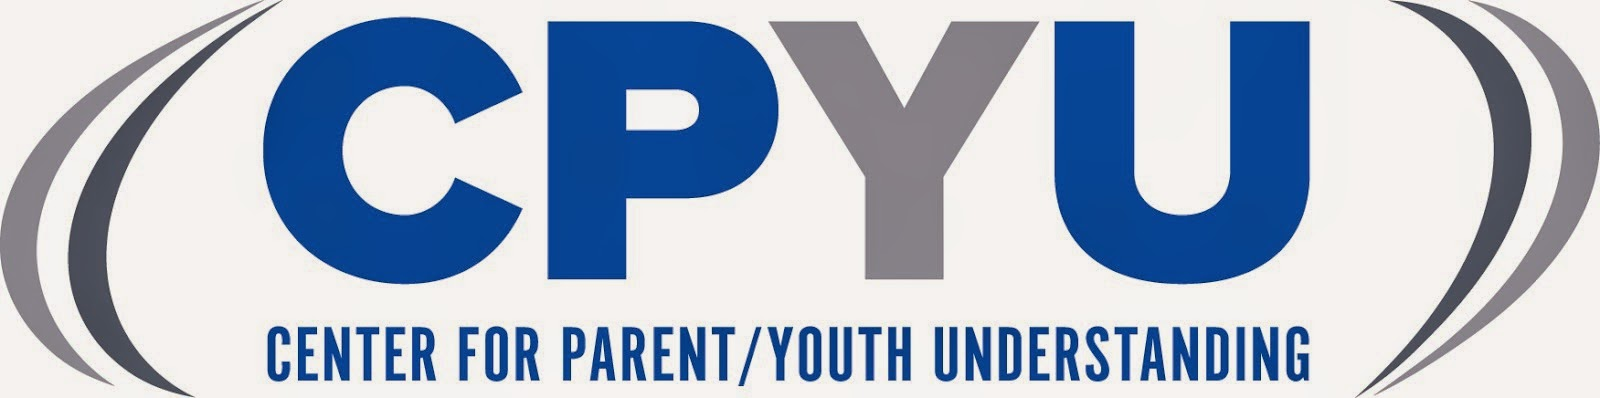 Visit CPYU